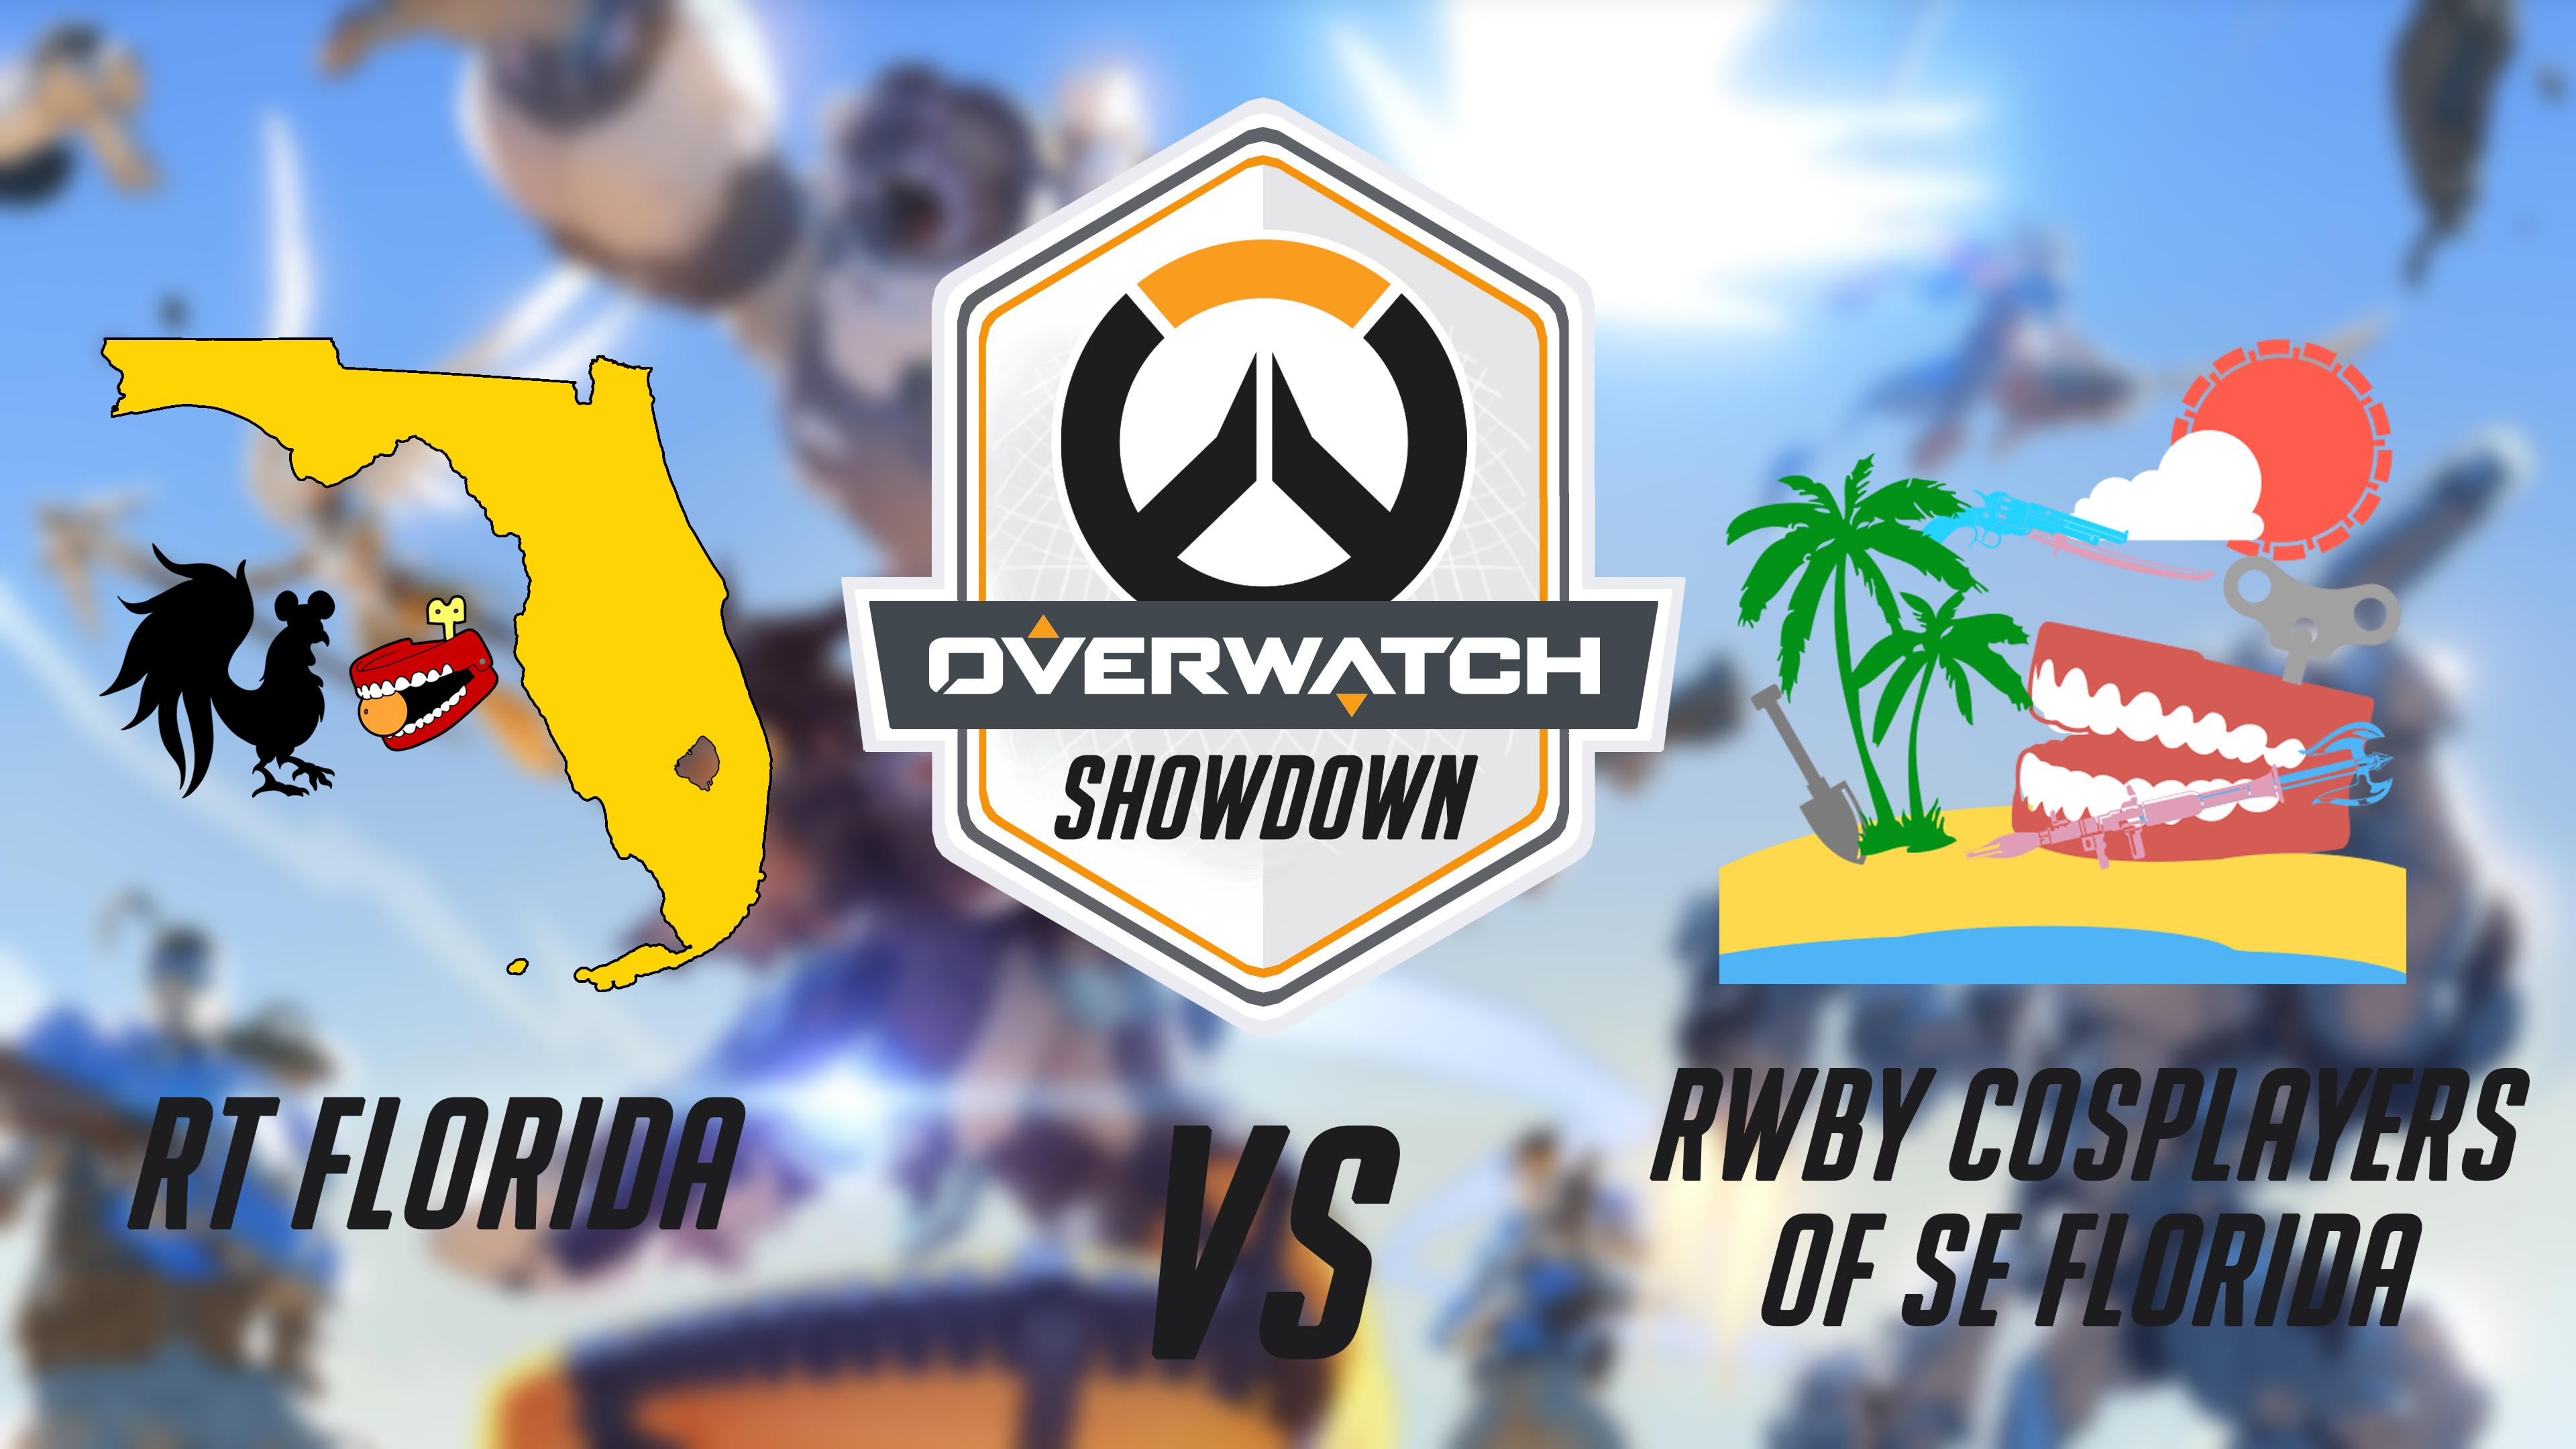 856814-1486057505967-Overwatch_Showdown_